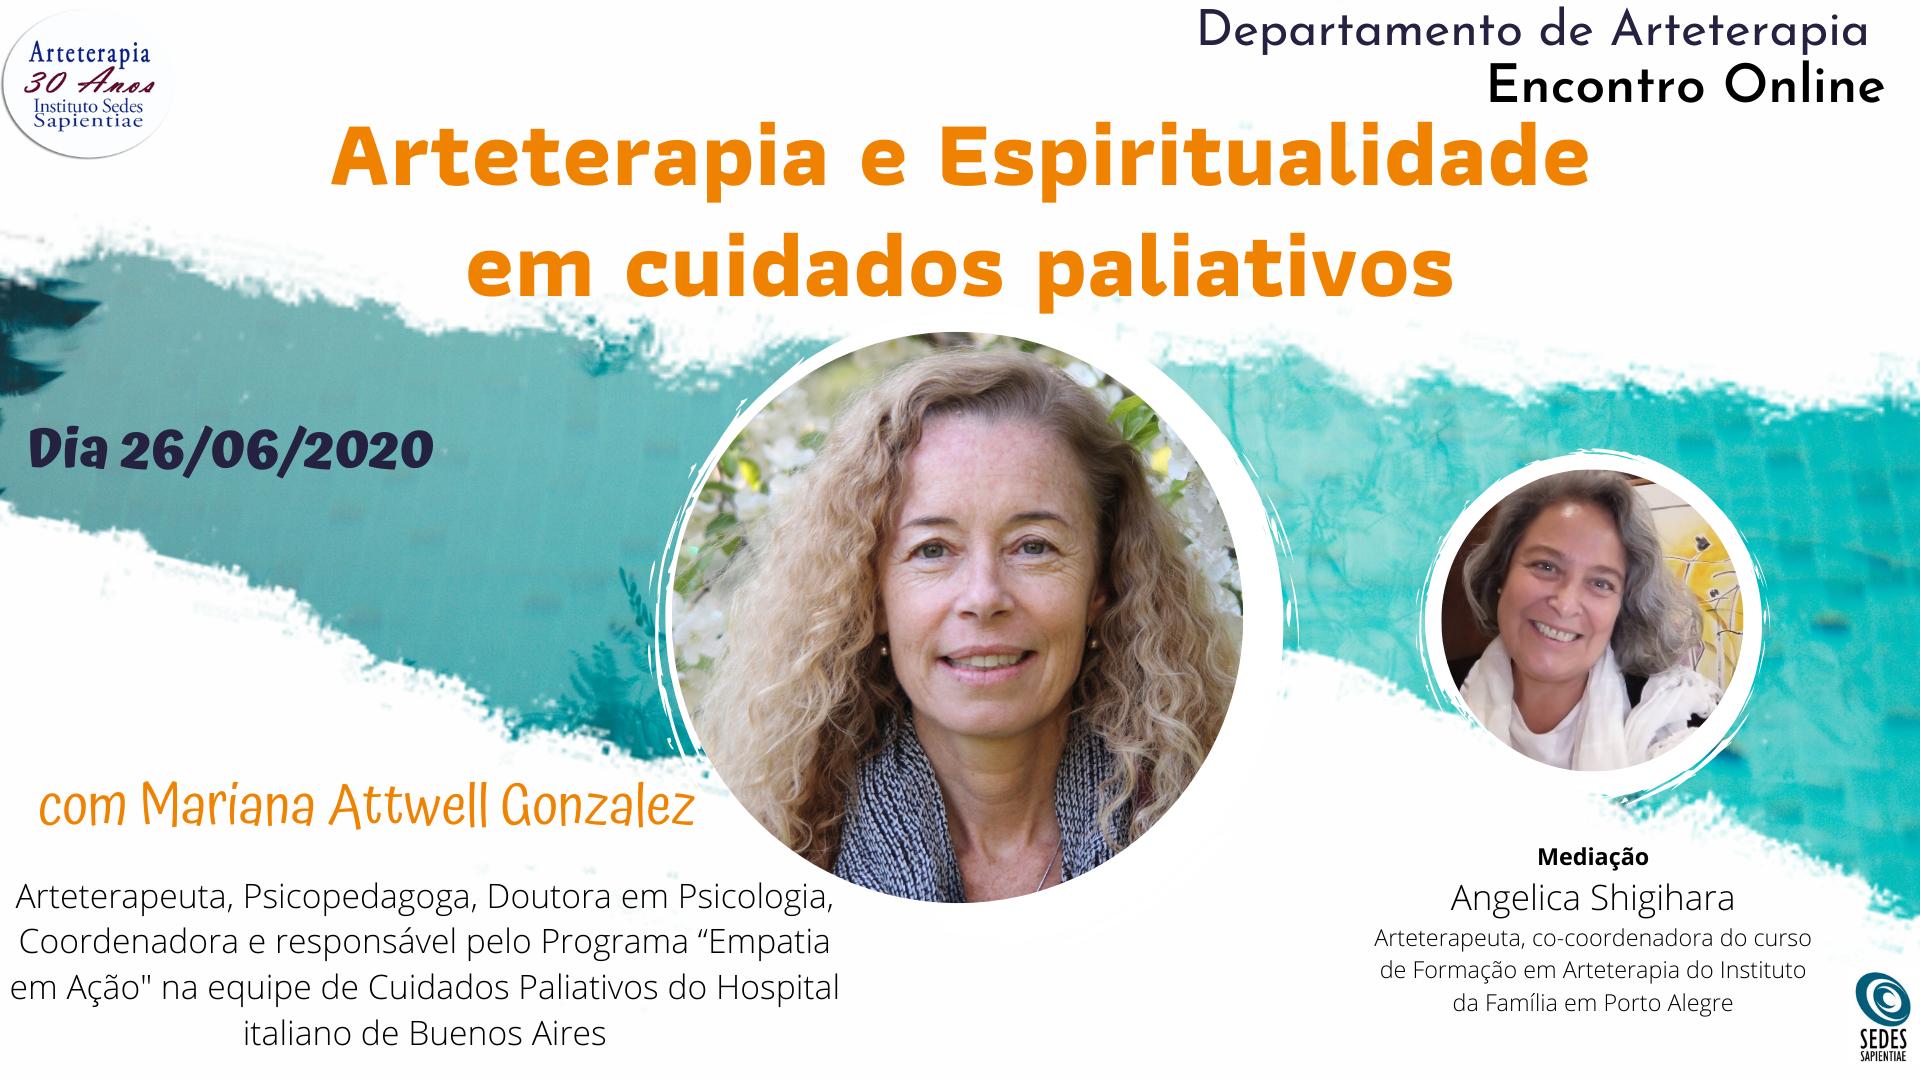 Arteterapia e Espiritualidade em cuidados paliativos